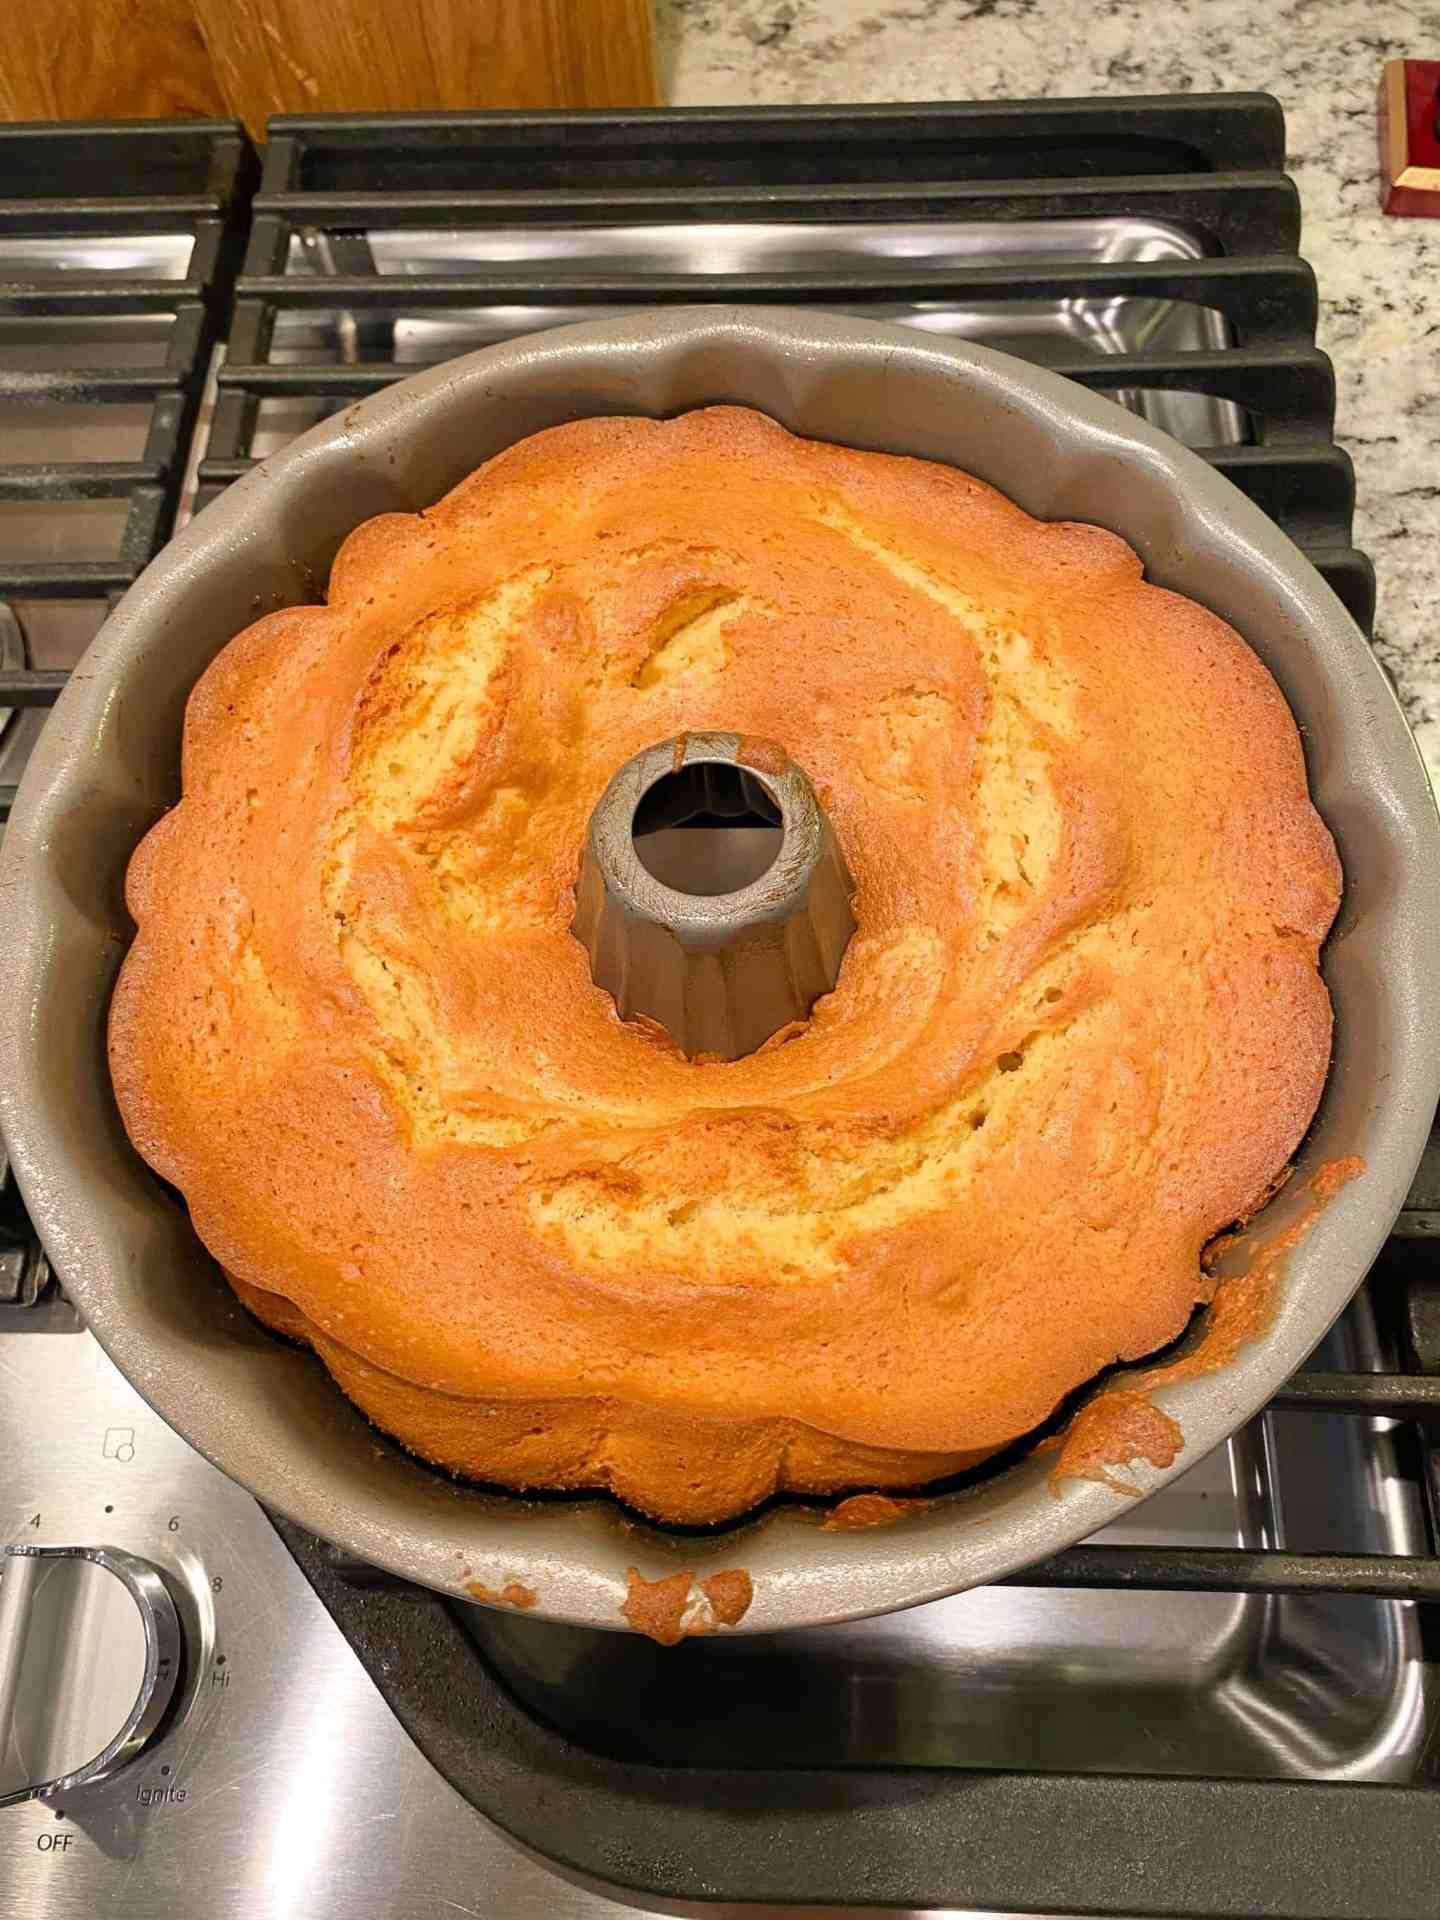 bake-cake-at-350-until-cooked-through